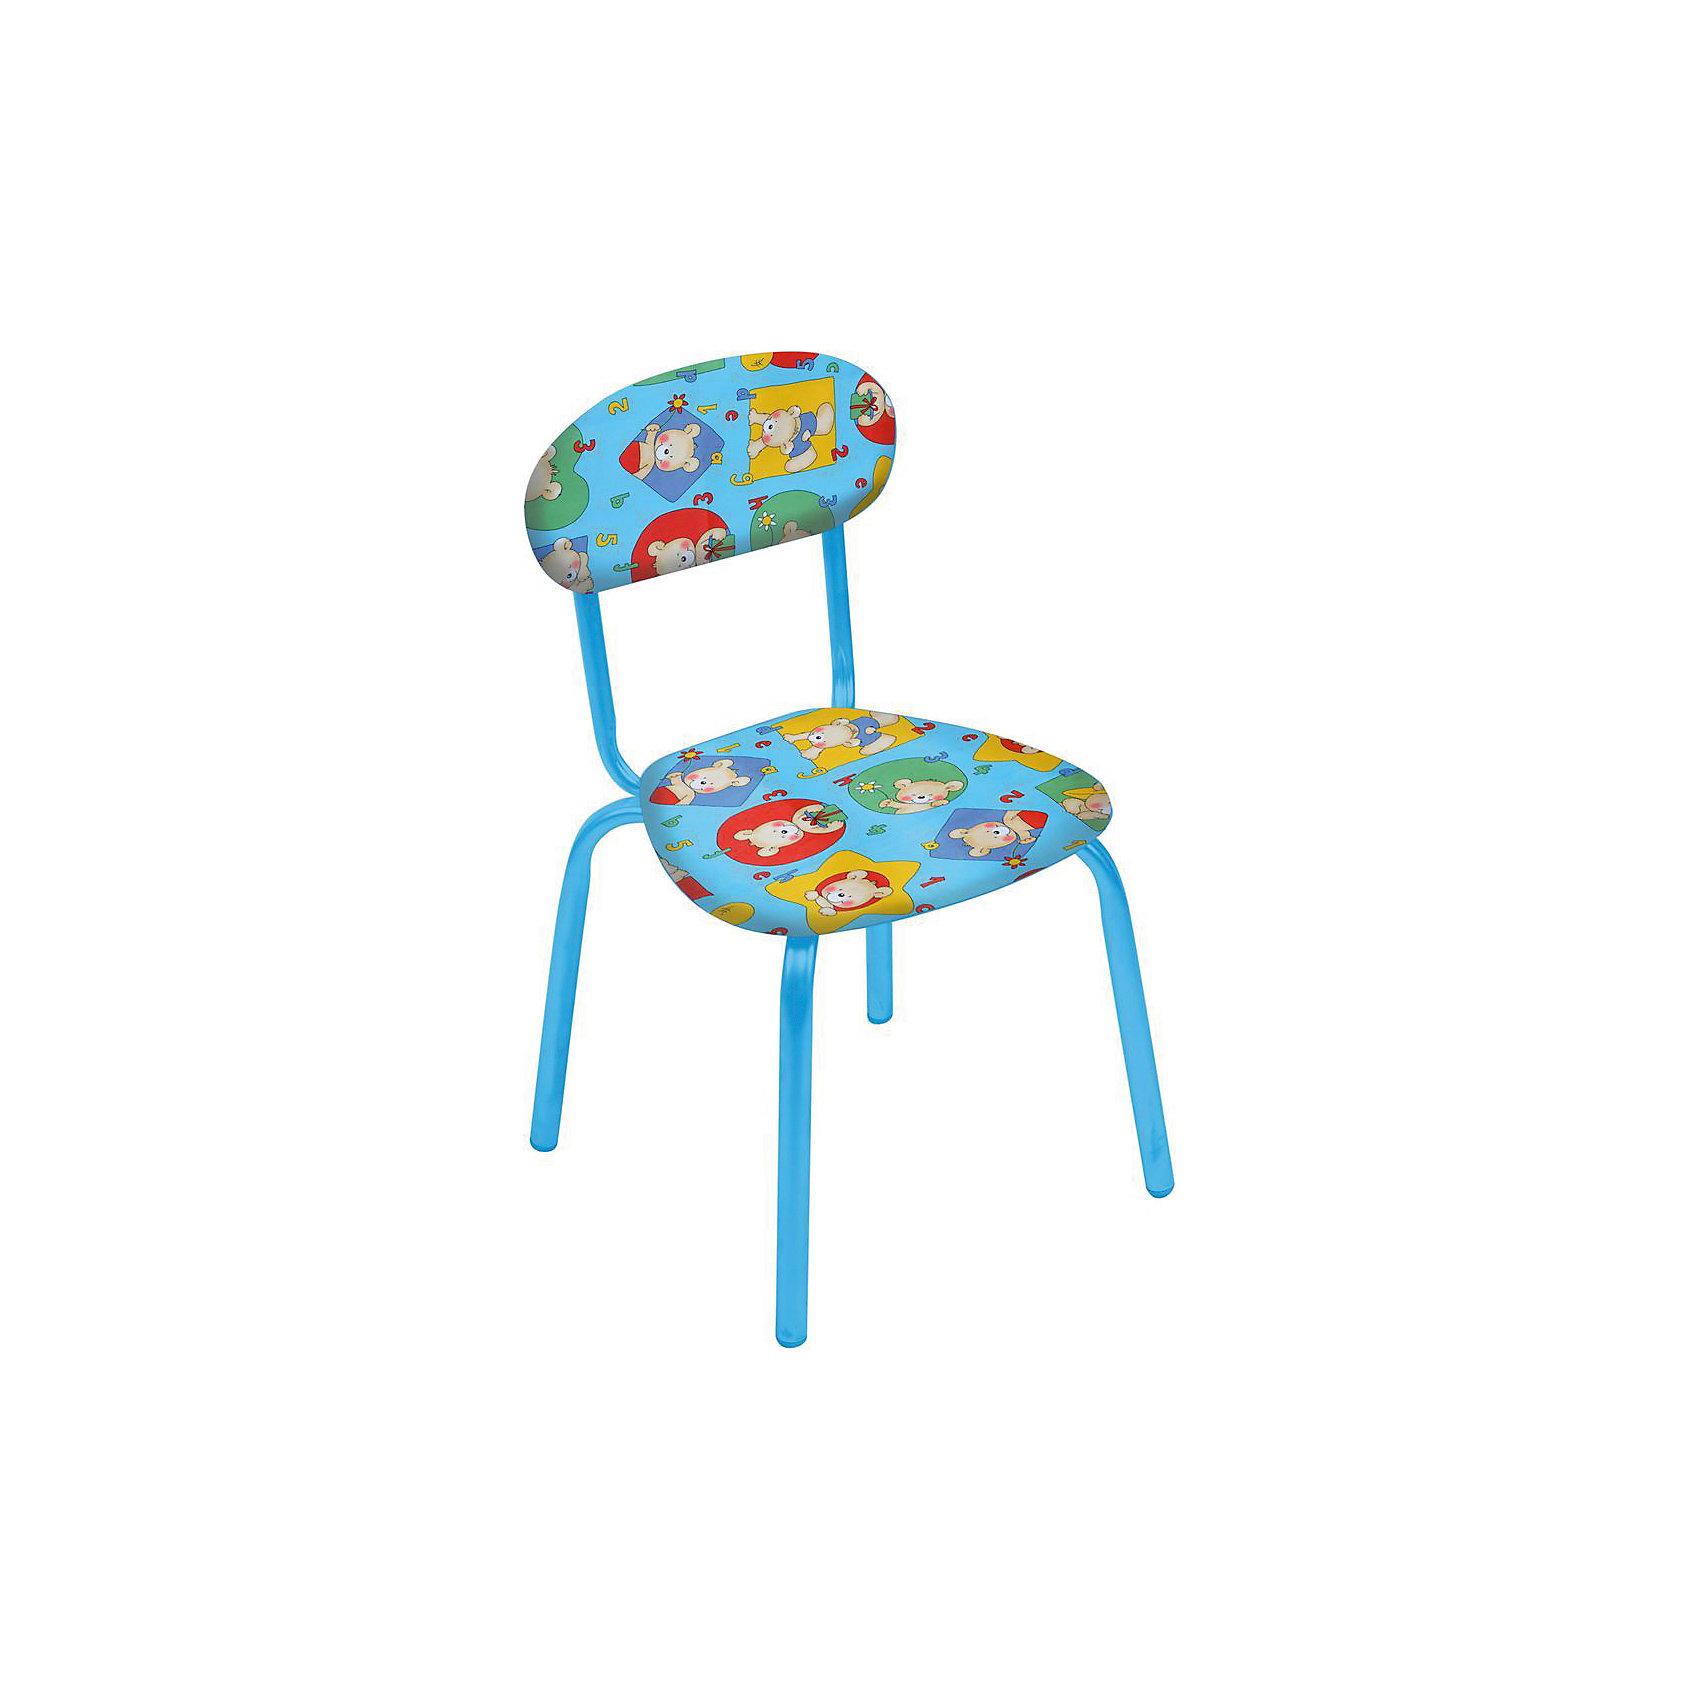 Стул СТУ5 . Мишки, Ника, голубойСтолы и стулья<br>Характеристики товара:<br><br>• цвет: бирюзовый <br>• материал: металл окрашенный, фанера, поролон, пластмасса, ткань (замша) или винилискожа<br>• мягкое сиденье и спинка<br>• яркая расцветка<br>• устойчивый<br>• на обивке рисунок<br>• возраст: от 1,5 до 3 лет<br>• страна бренда: Российская Федерация<br>• страна производства: Российская Федерация<br><br>Детская мебель может быть удобной и эргономичной! Этот стул разработан специально для детей от полутора до трех лет. Он устойчивый, занимает немного места. Сиденье обито мягким материалом, а на обивке стула - яркий рисунок, который понравится малышам. Отличное решение для игр, творчества и развивающих занятий!<br>Правильно подобранная мебель помогает ребенку расти здоровым, формироваться правильной осанке. Изделие производится из качественных сертифицированных материалов, безопасных даже для самых маленьких.<br><br>Стул Мишки с замшевым сиденьем от бренда Ника можно купить в нашем интернет-магазине.<br><br>Ширина мм: 350<br>Глубина мм: 545<br>Высота мм: 320<br>Вес г: 1900<br>Возраст от месяцев: 180<br>Возраст до месяцев: 36<br>Пол: Унисекс<br>Возраст: Детский<br>SKU: 5223602